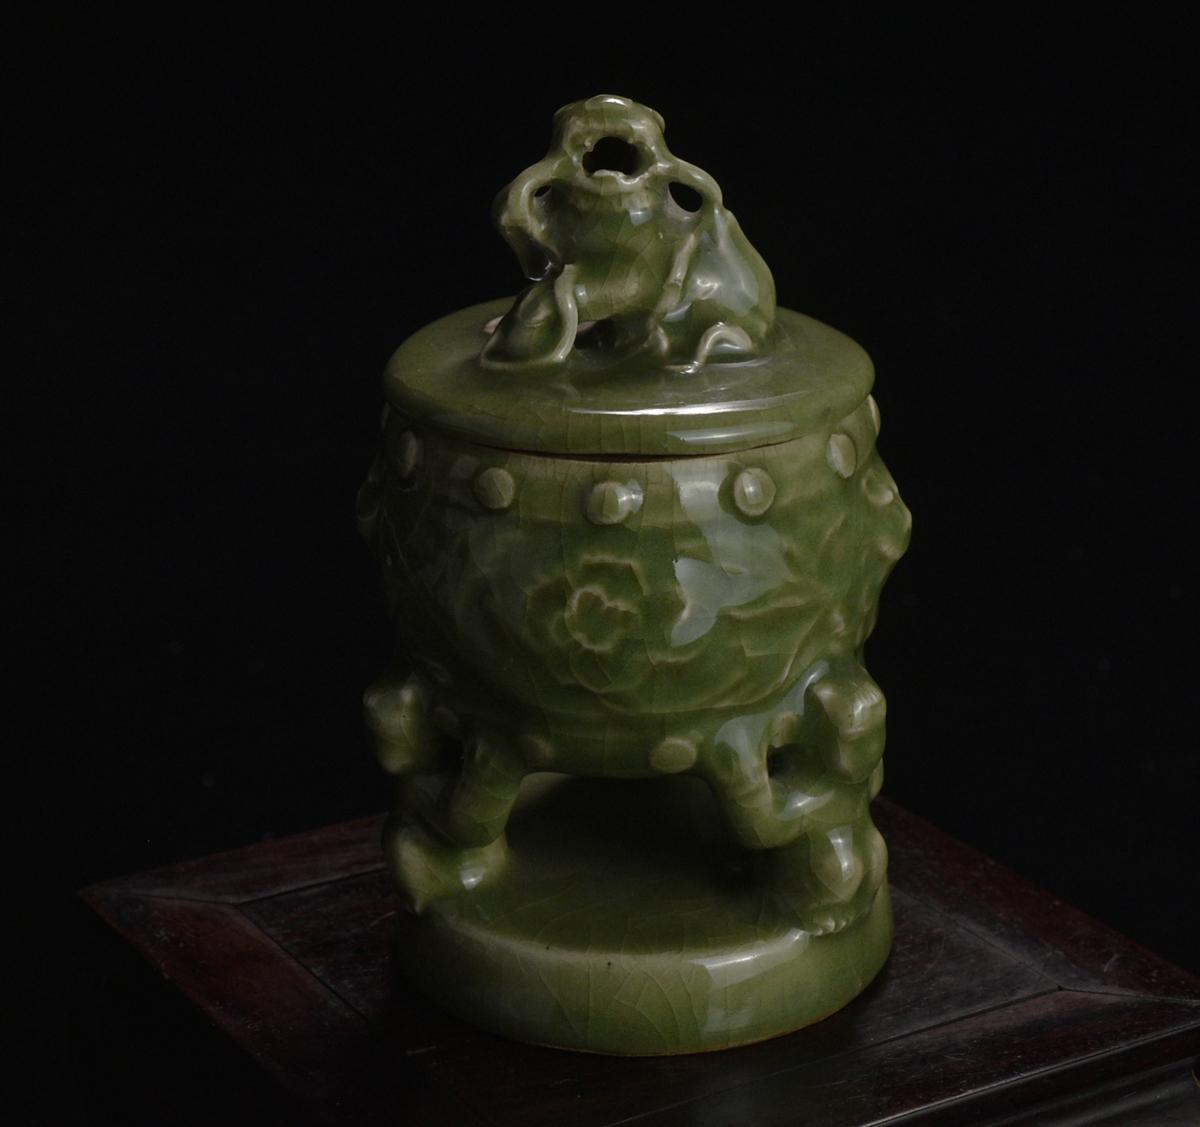 三生蔵 天龍寺 龍泉窯 七官青磁香炉 青釉獅子秀球盖 香薰 高浮彫獣耳三足香炉 香爐 香炉